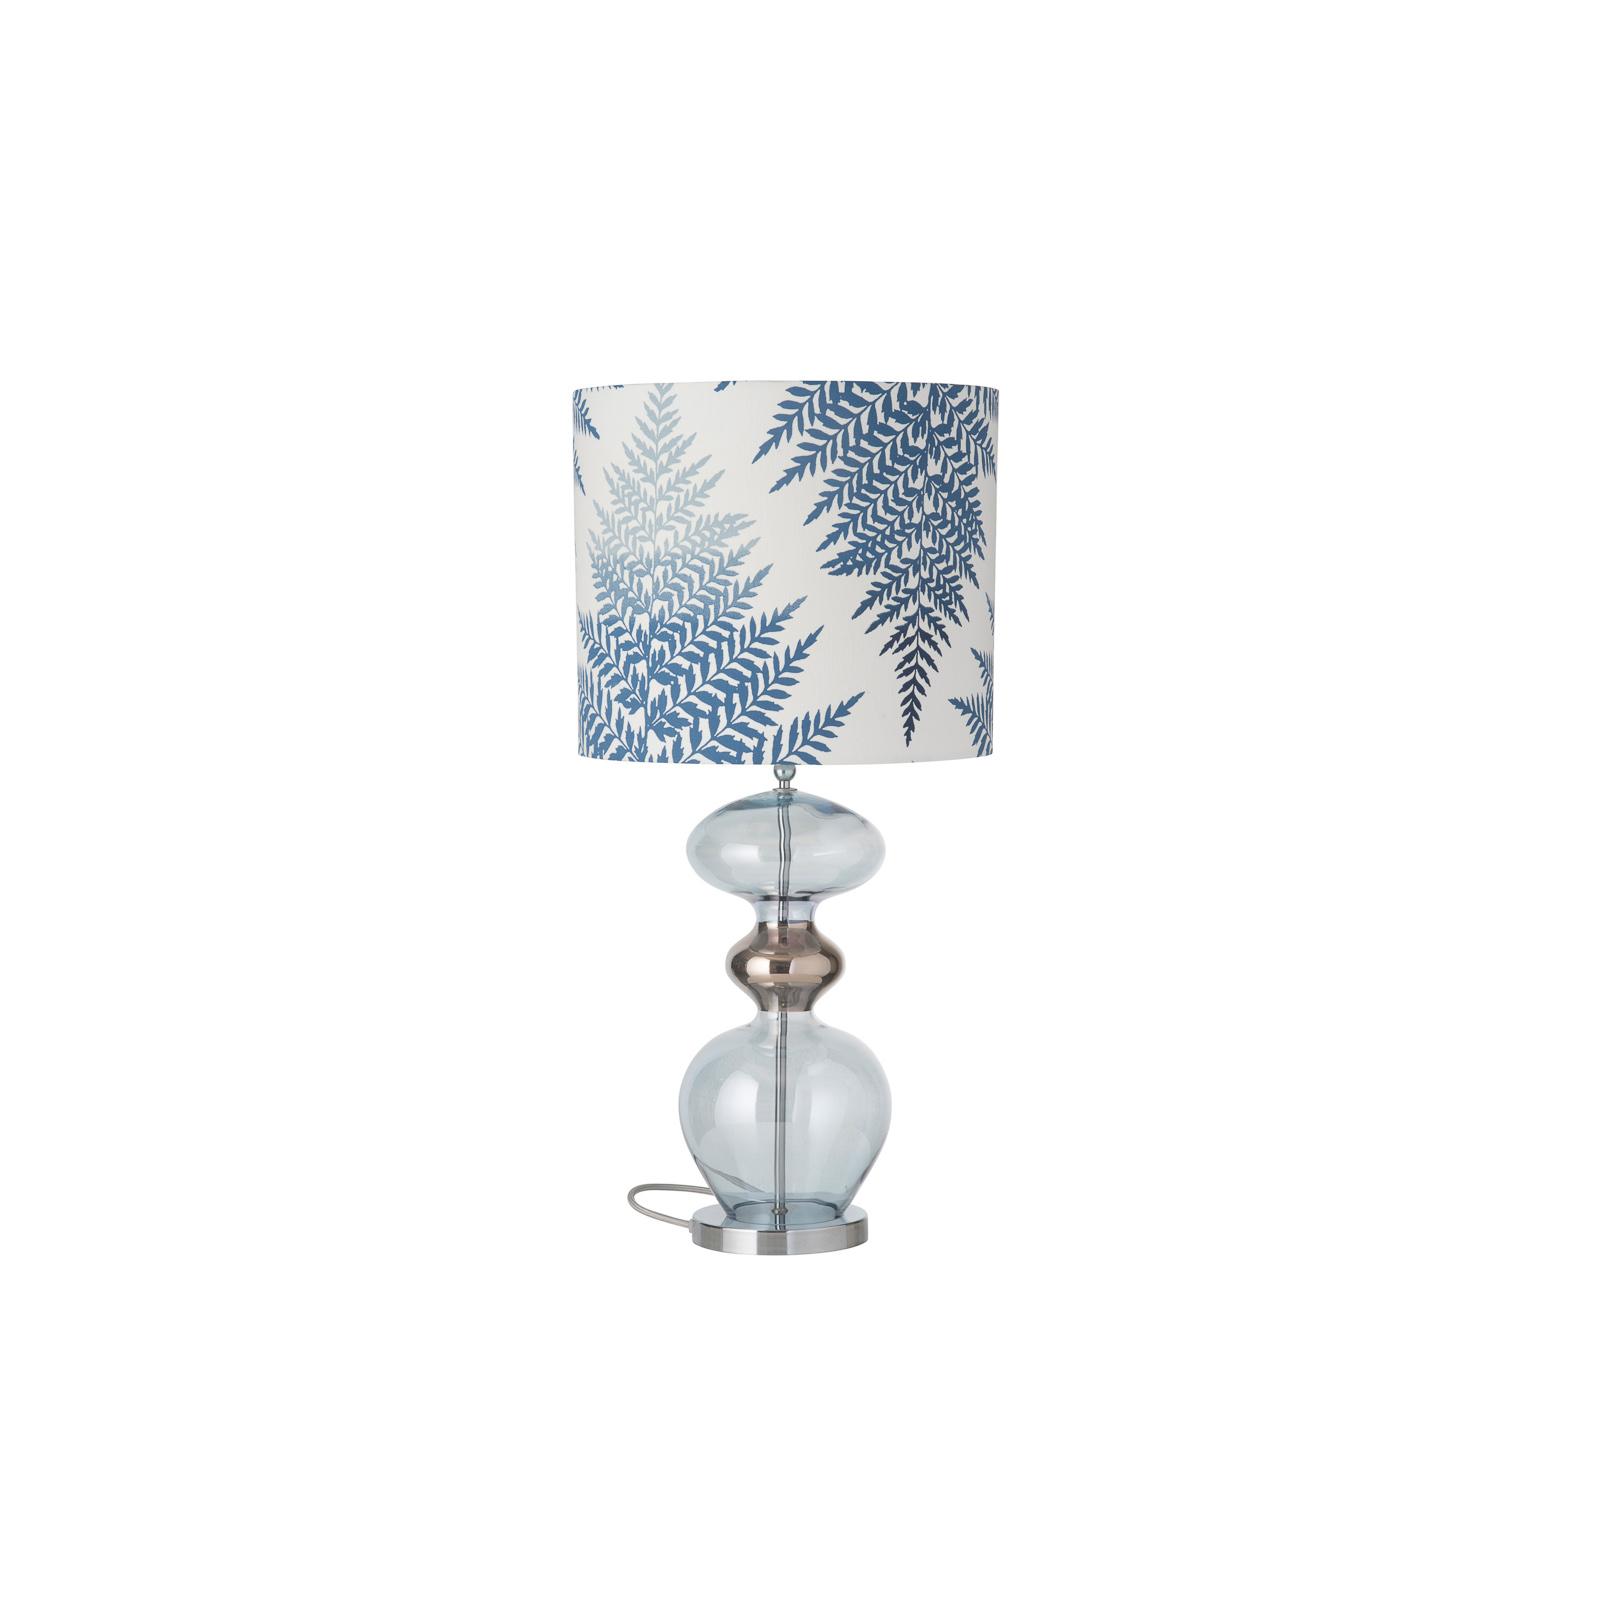 EBB & FLOW Futura Tischlampe, Fern Leaves indigo